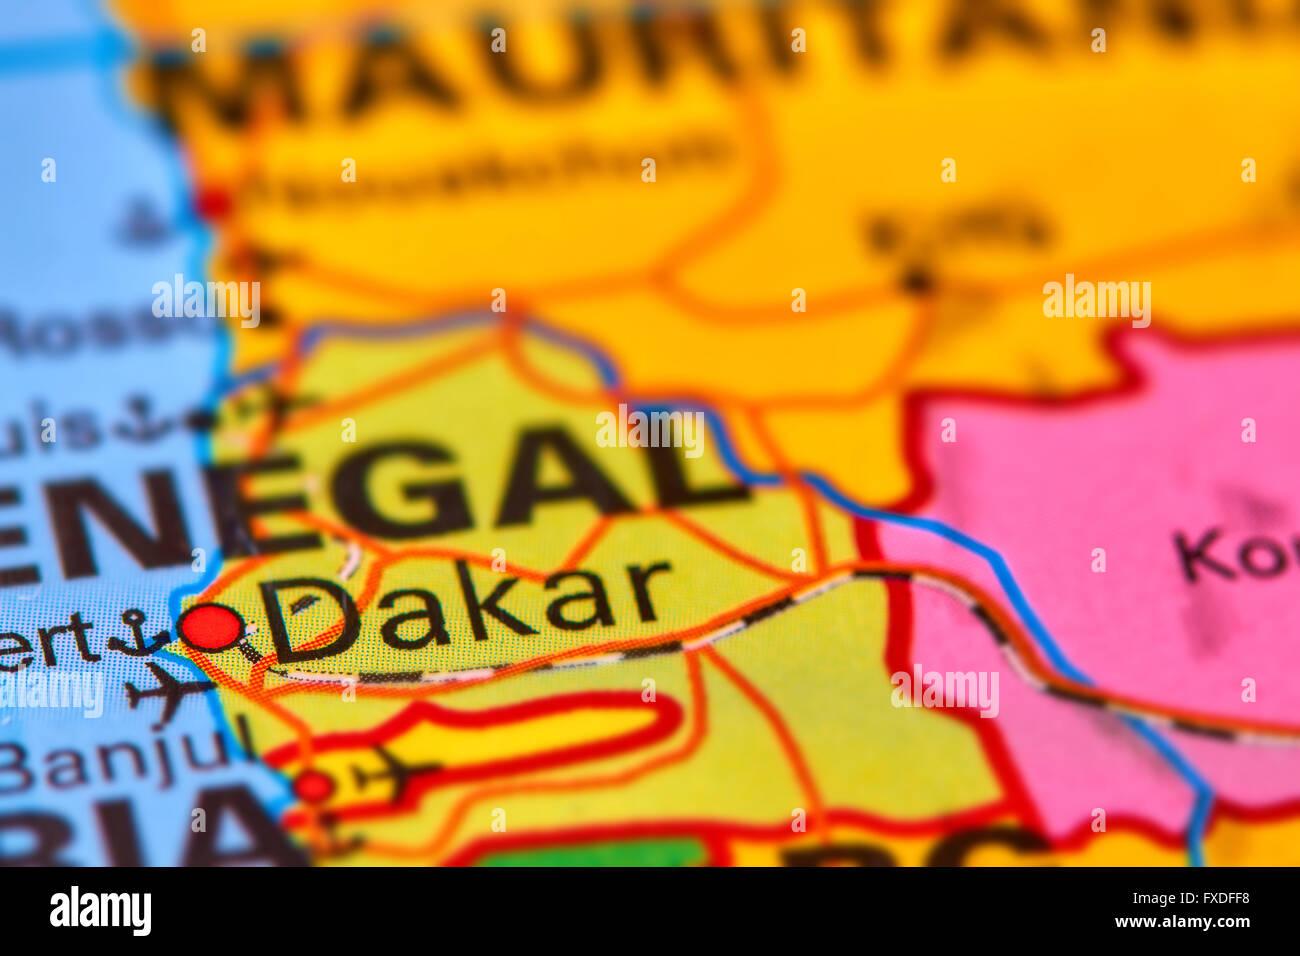 Dakar, capitale del Senegal in Africa sulla mappa del mondo Immagini Stock